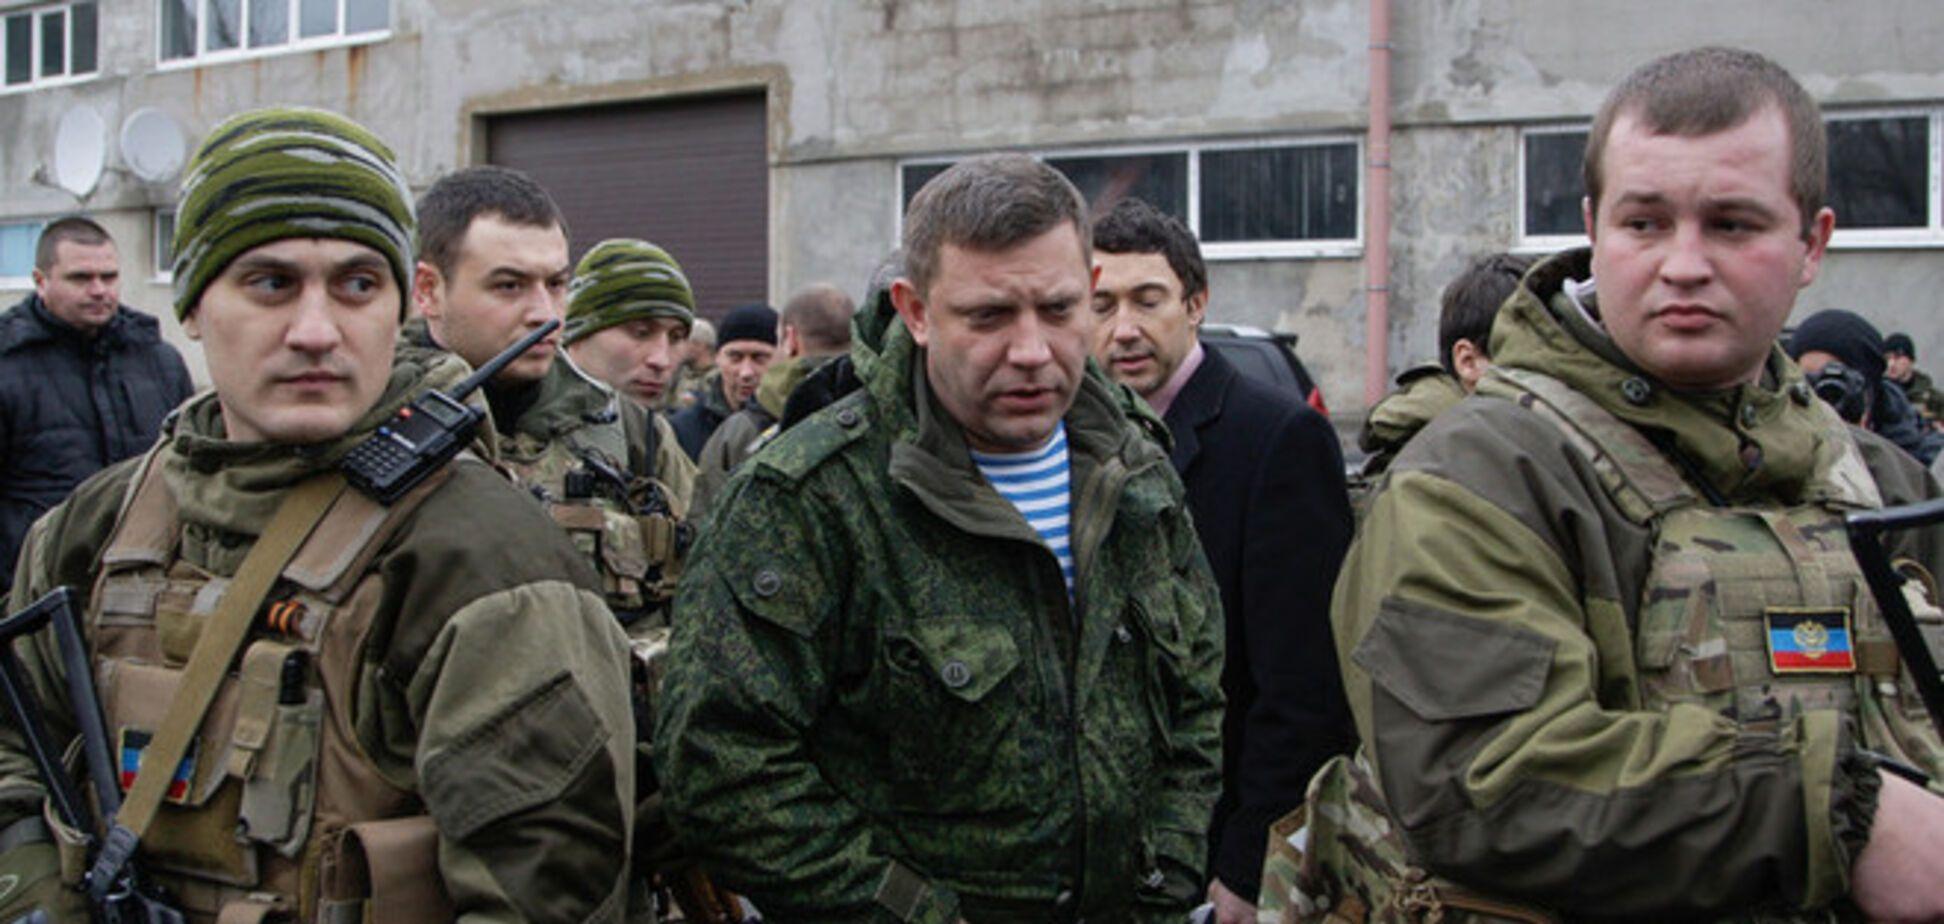 Политолог пояснил, зачем Украине закон о террористических организациях